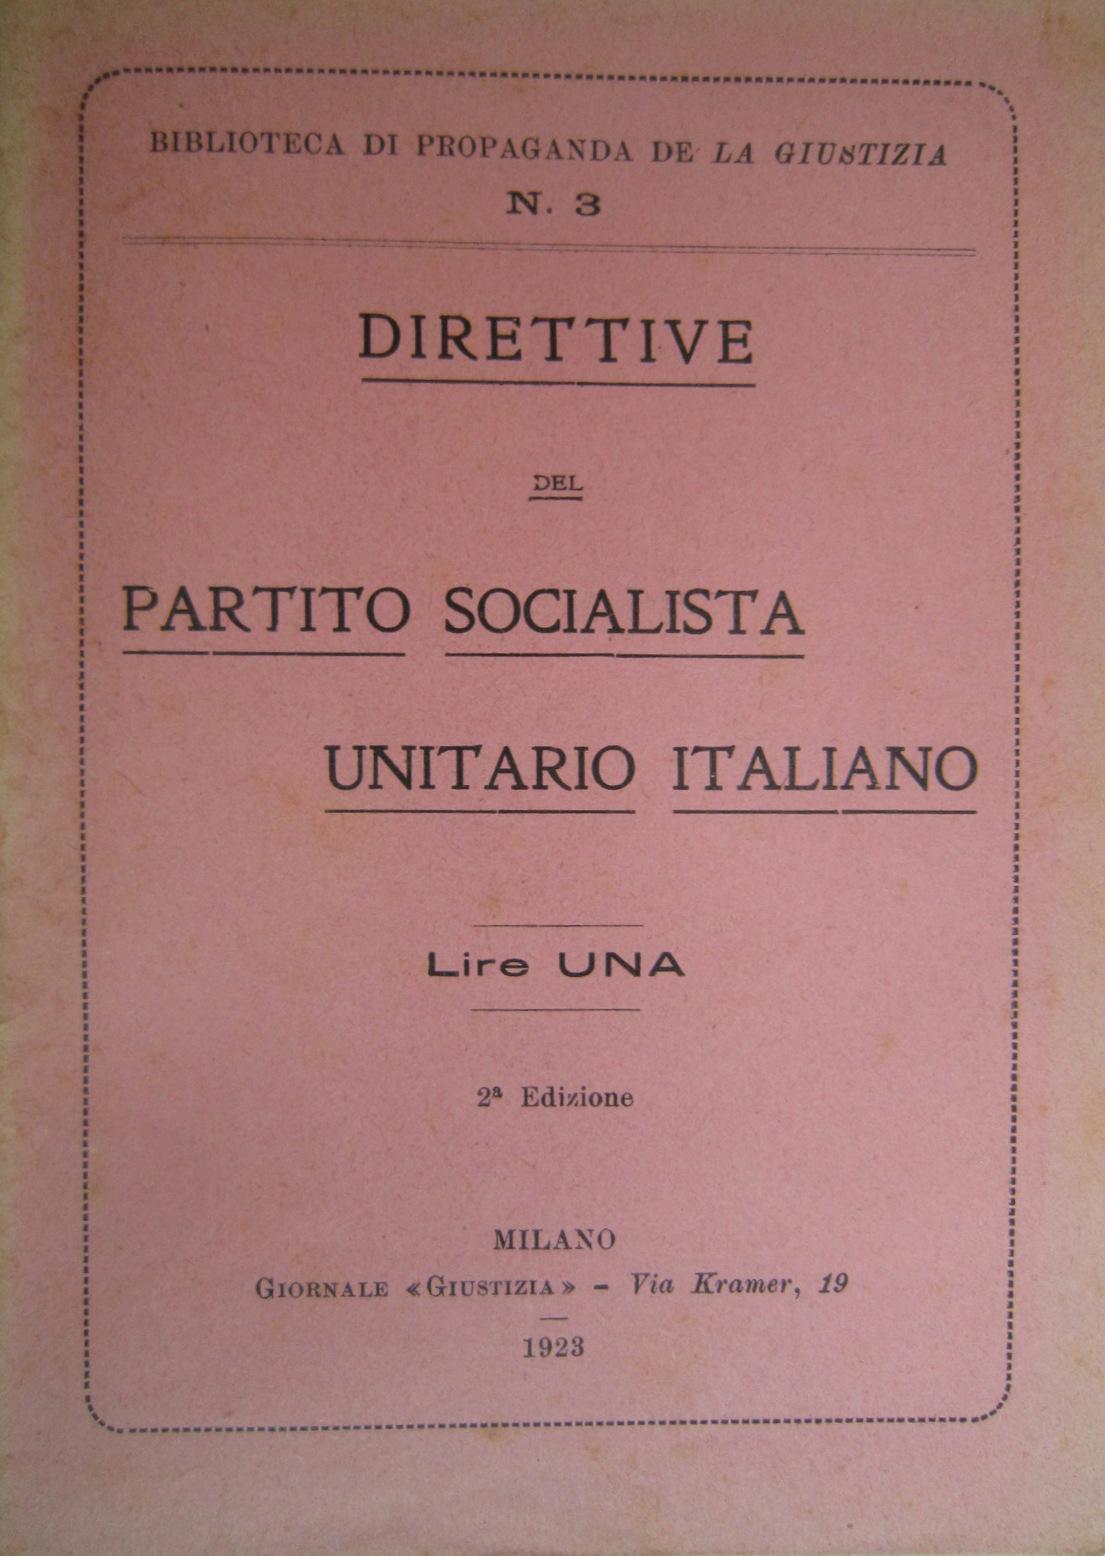 Direttive del Partito Socialista Unitario Italiano